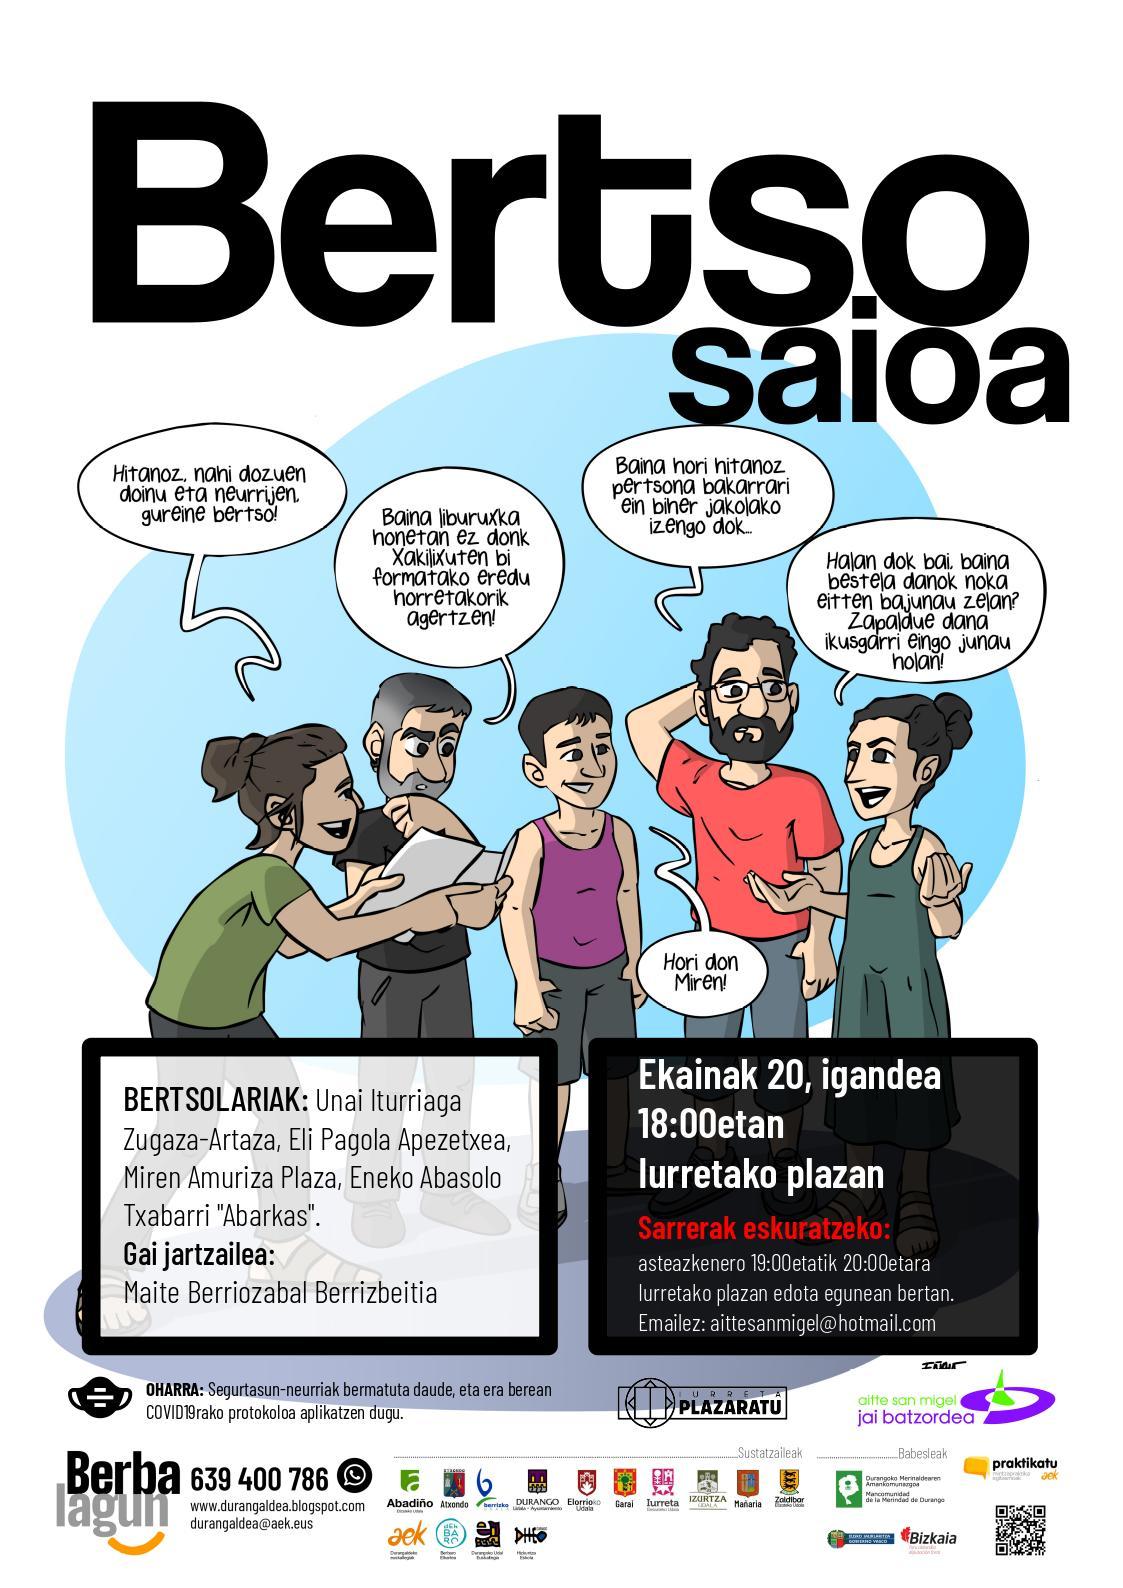 Poltsikorako hitanoa liburuxka argitaratu dute Durangaldeko berbalagunek